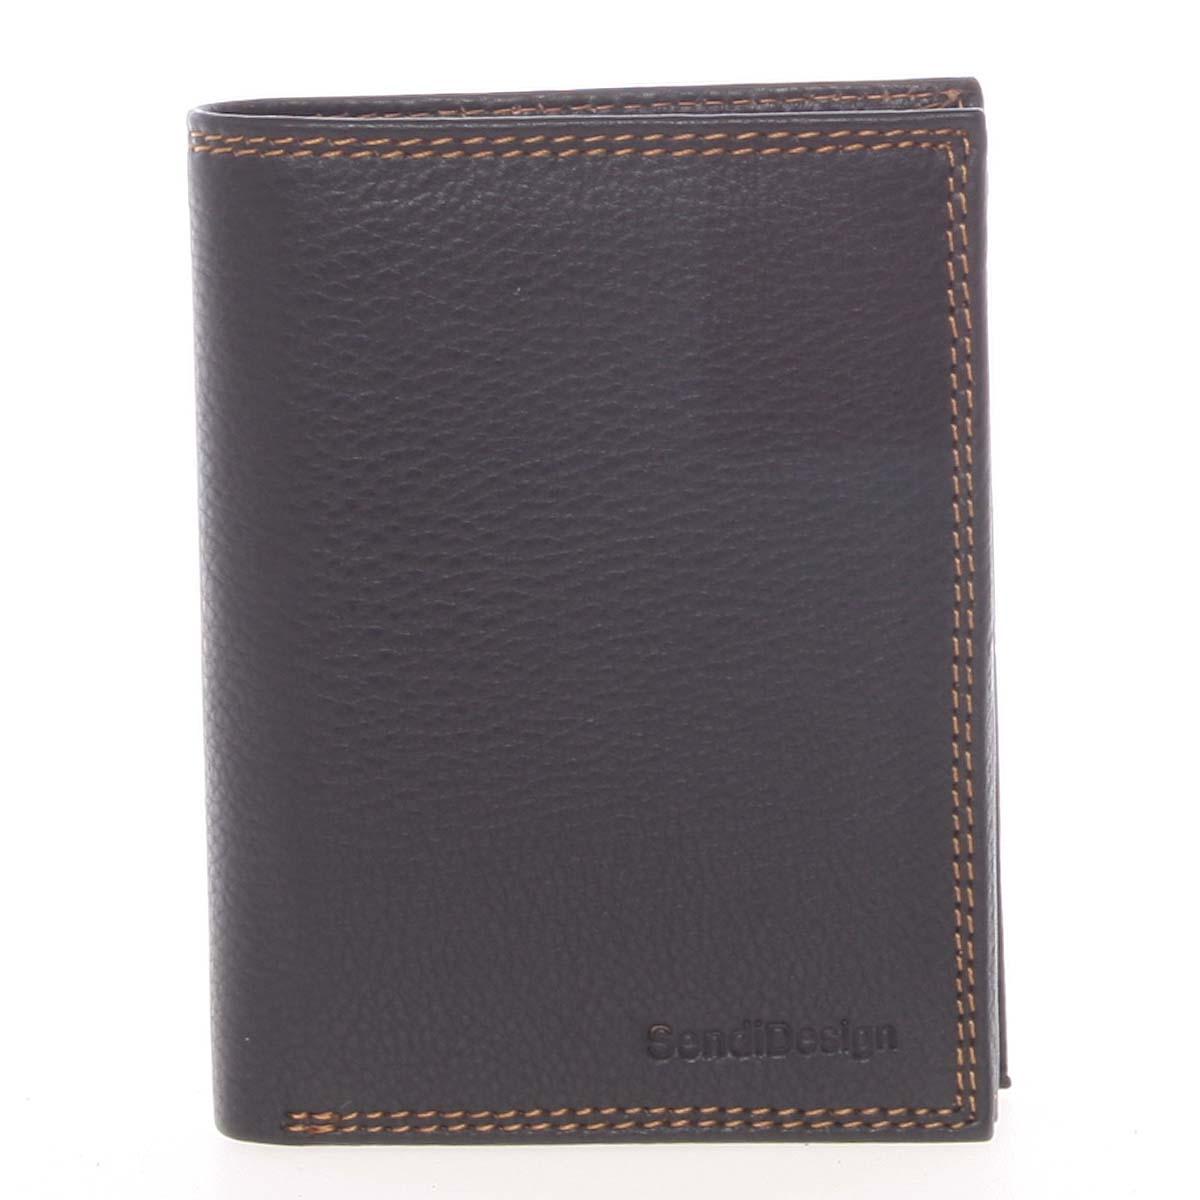 Luxusní pánská kožená černá volná peněženka - SendiDesign Rodion